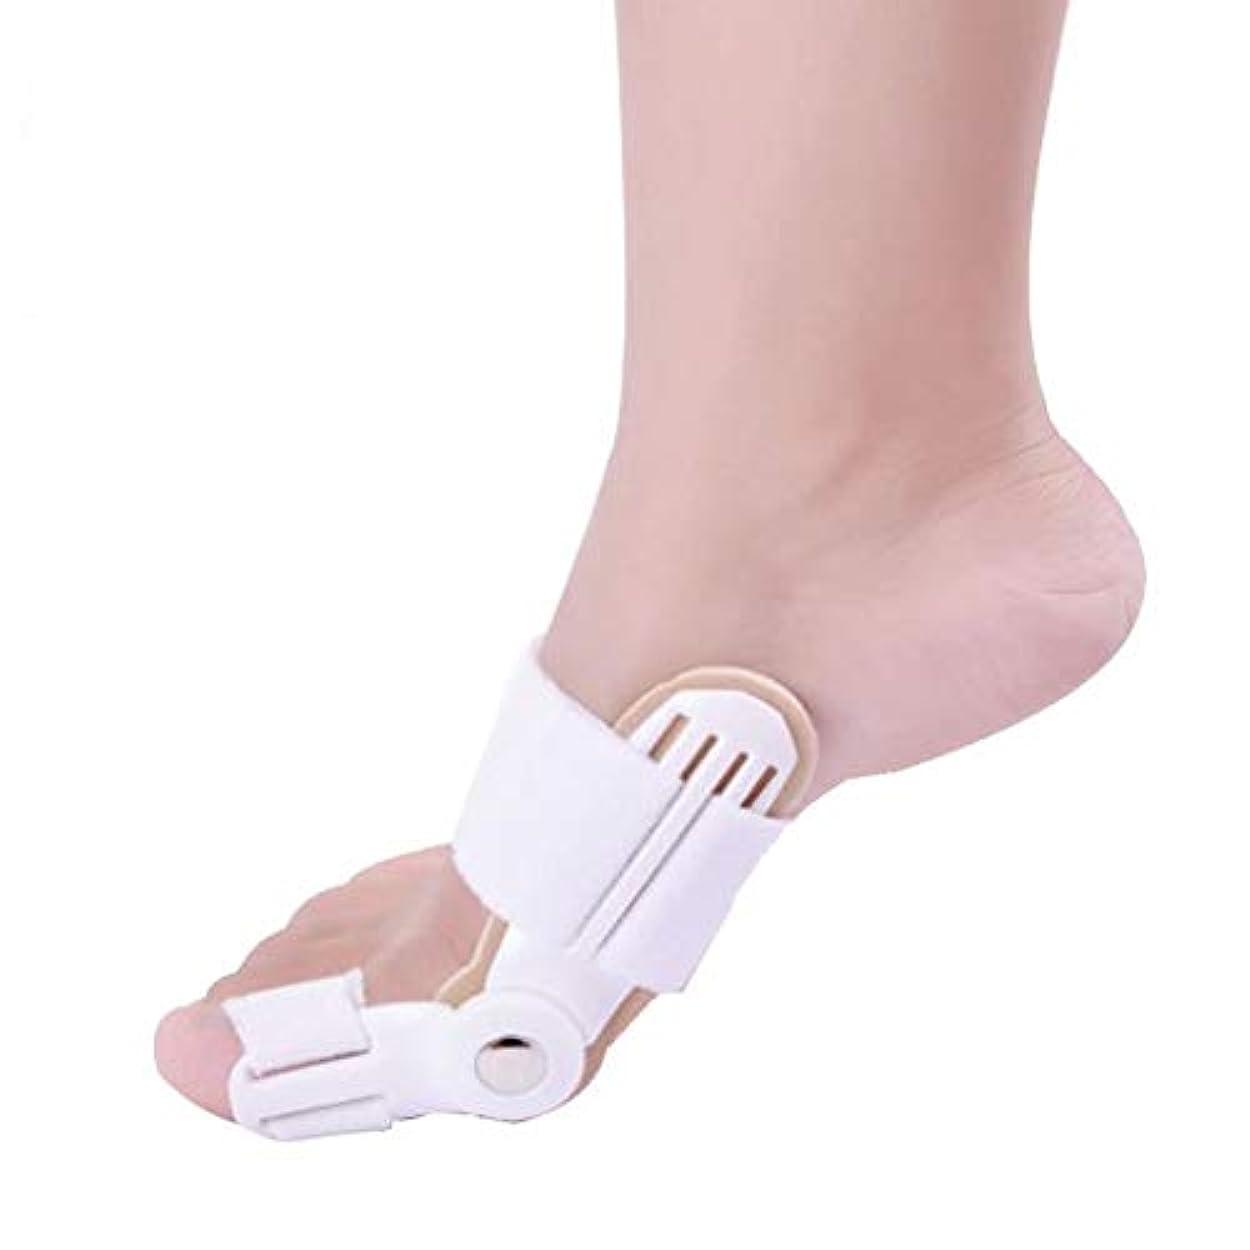 スチュワード大虚偽腱膜瘤矯正、外反装具副木、痛み腱膜炎、男性と女性のための整形外科の腱膜副木、2ピース